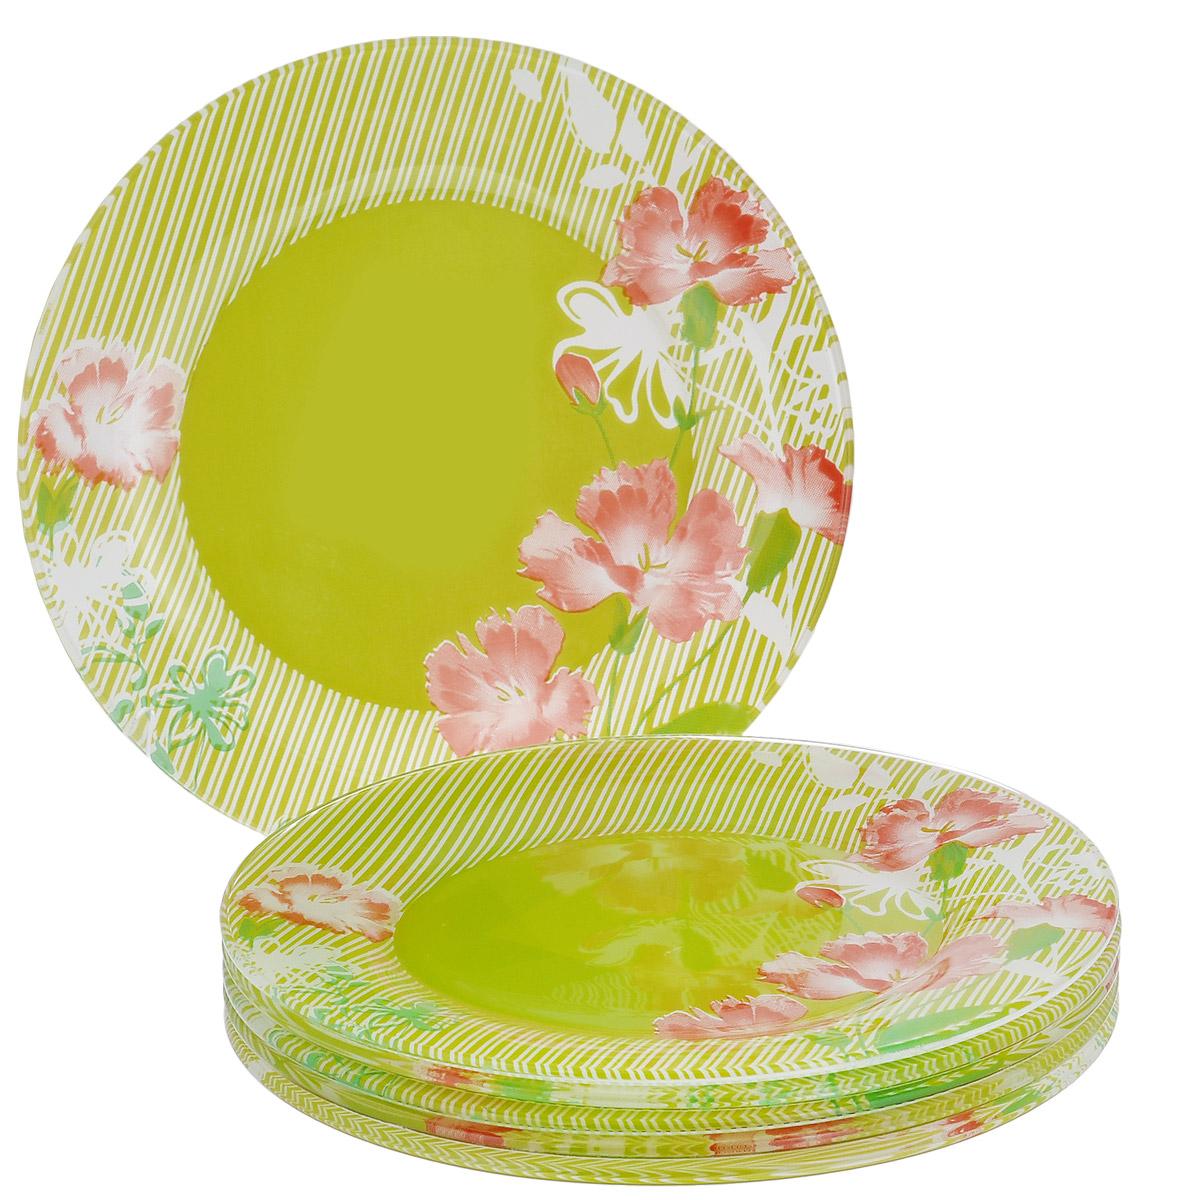 Набор тарелок Цветы, цвет: зеленый, диаметр 17,5 см, 6 шт115610Набор тарелок Цветы, выполненный из высококачественного стекла зеленого цвета, состоит из 6 мелких тарелок. Тарелки оформлены изображением цветов. Они сочетают в себе изысканный дизайн с максимальной функциональностью. Оригинальность оформления тарелок придется по вкусу и ценителям классики, и тем, кто предпочитает утонченность и изящность. Набор тарелок послужит отличным подарком к любому празднику.